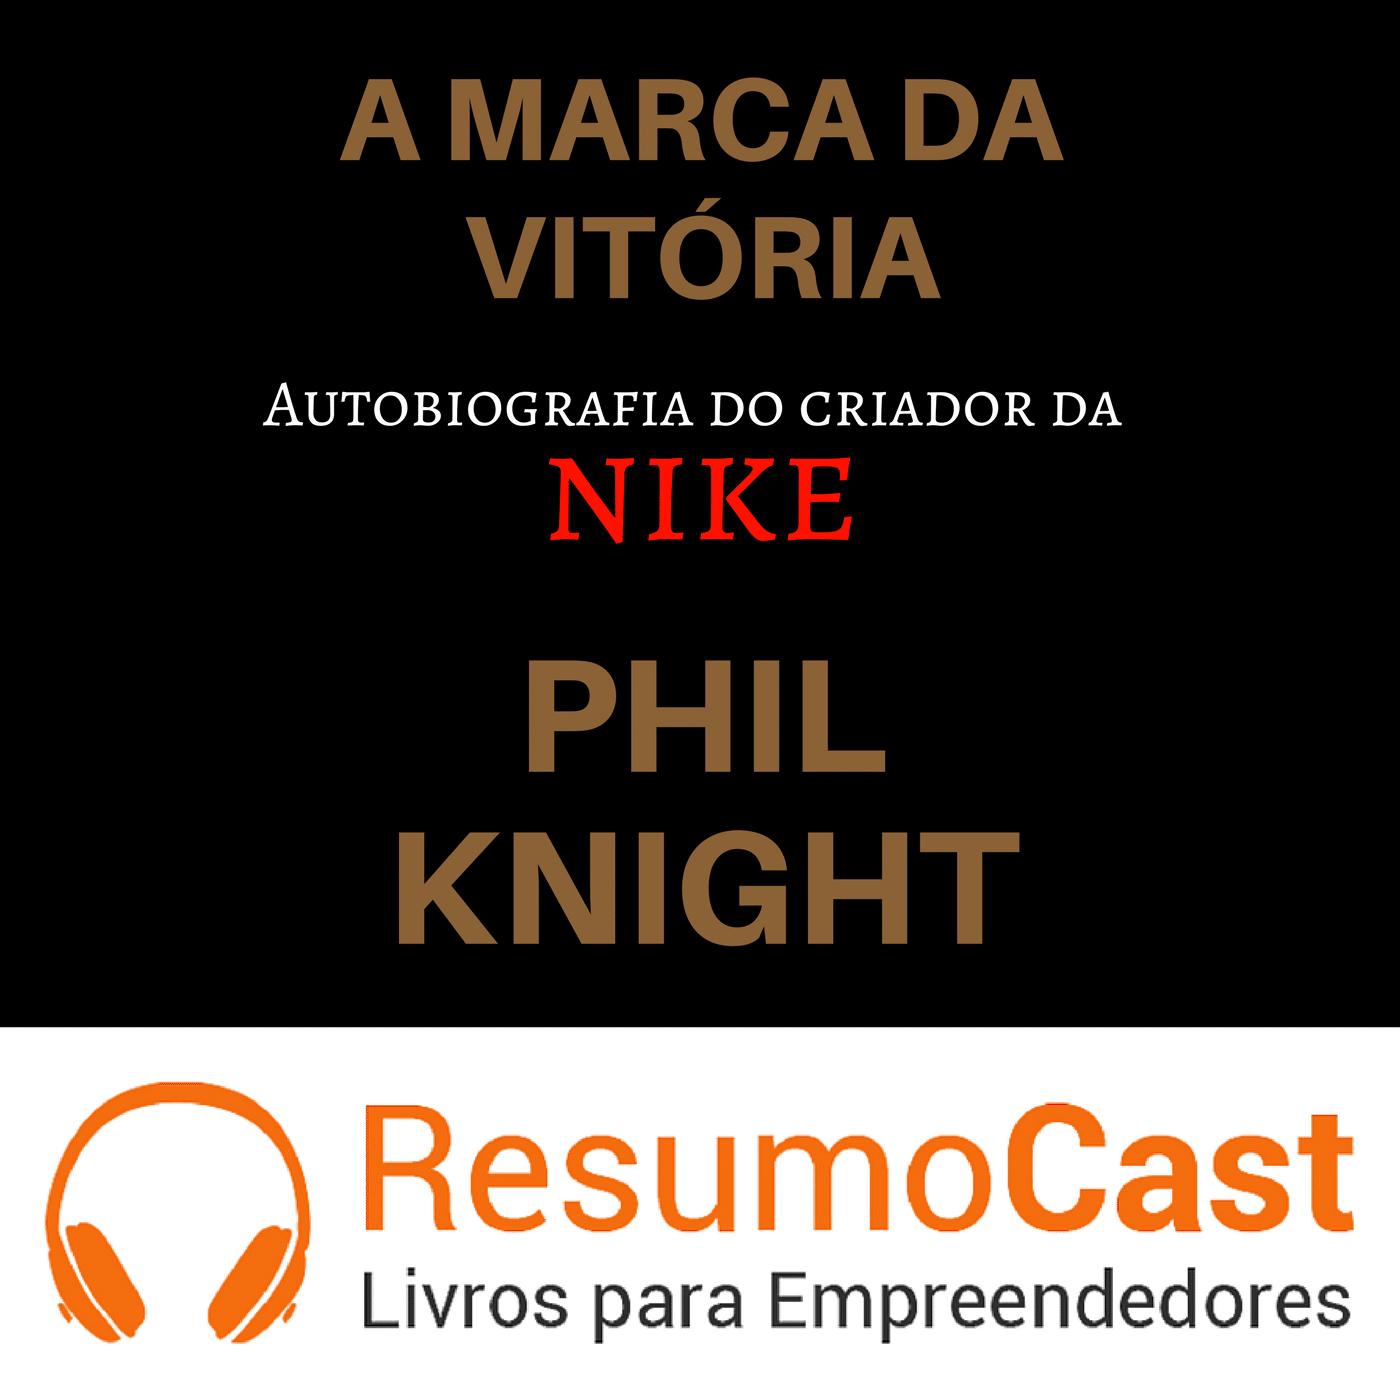 A Marca da Vitória: A Autobiografia do Criador da Nike – Phill Knight | T1#057